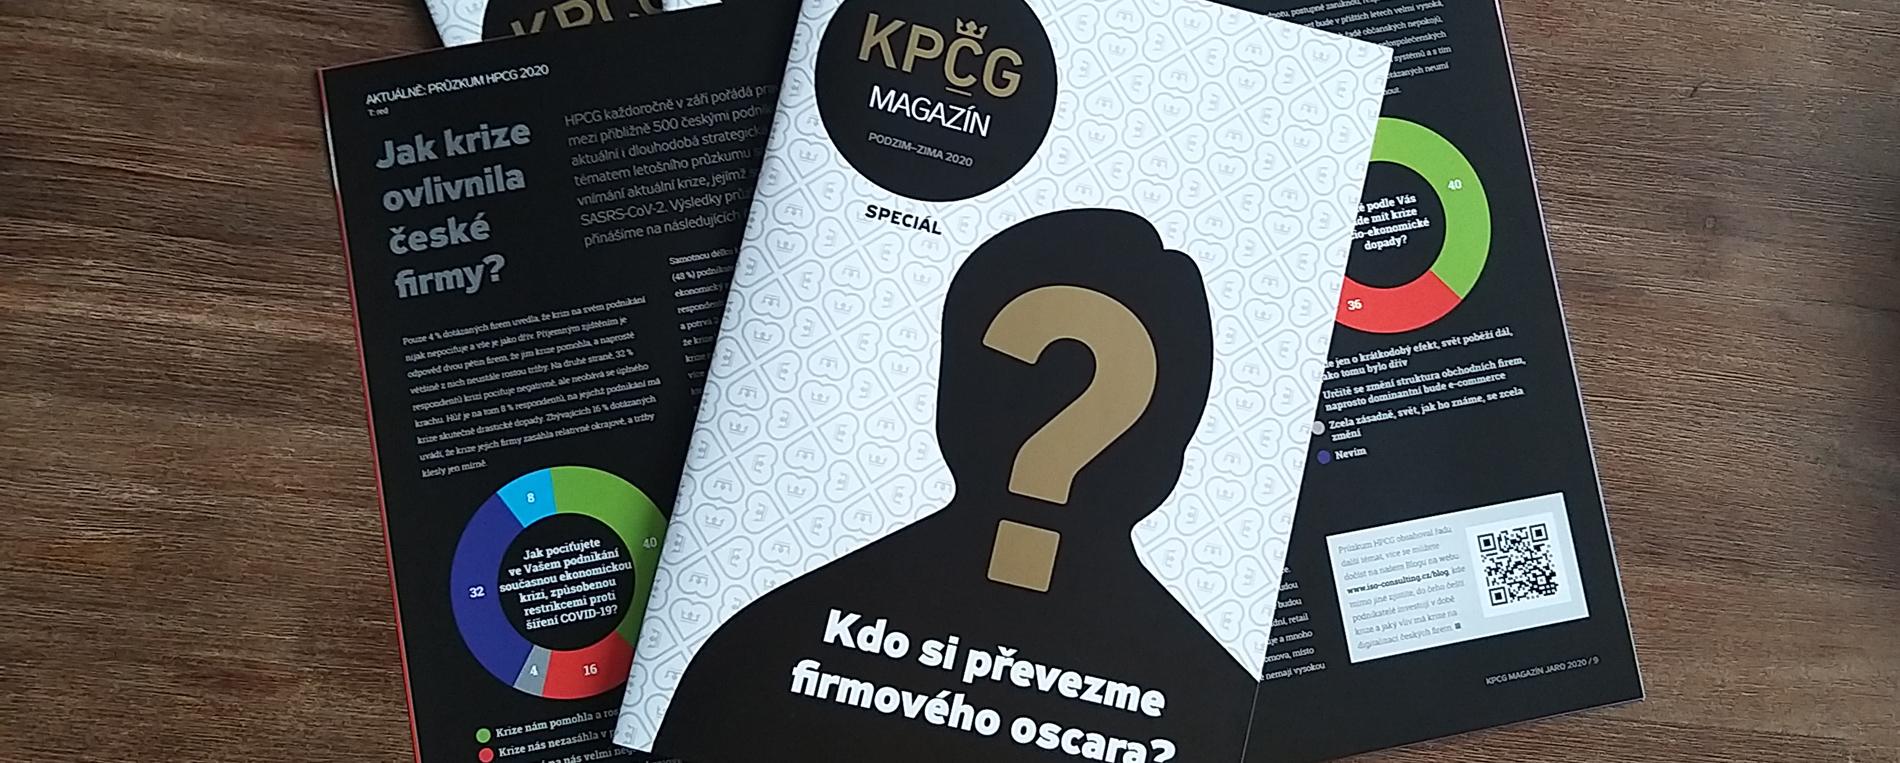 24. 11. 2020   Magazín KPCG Speciál